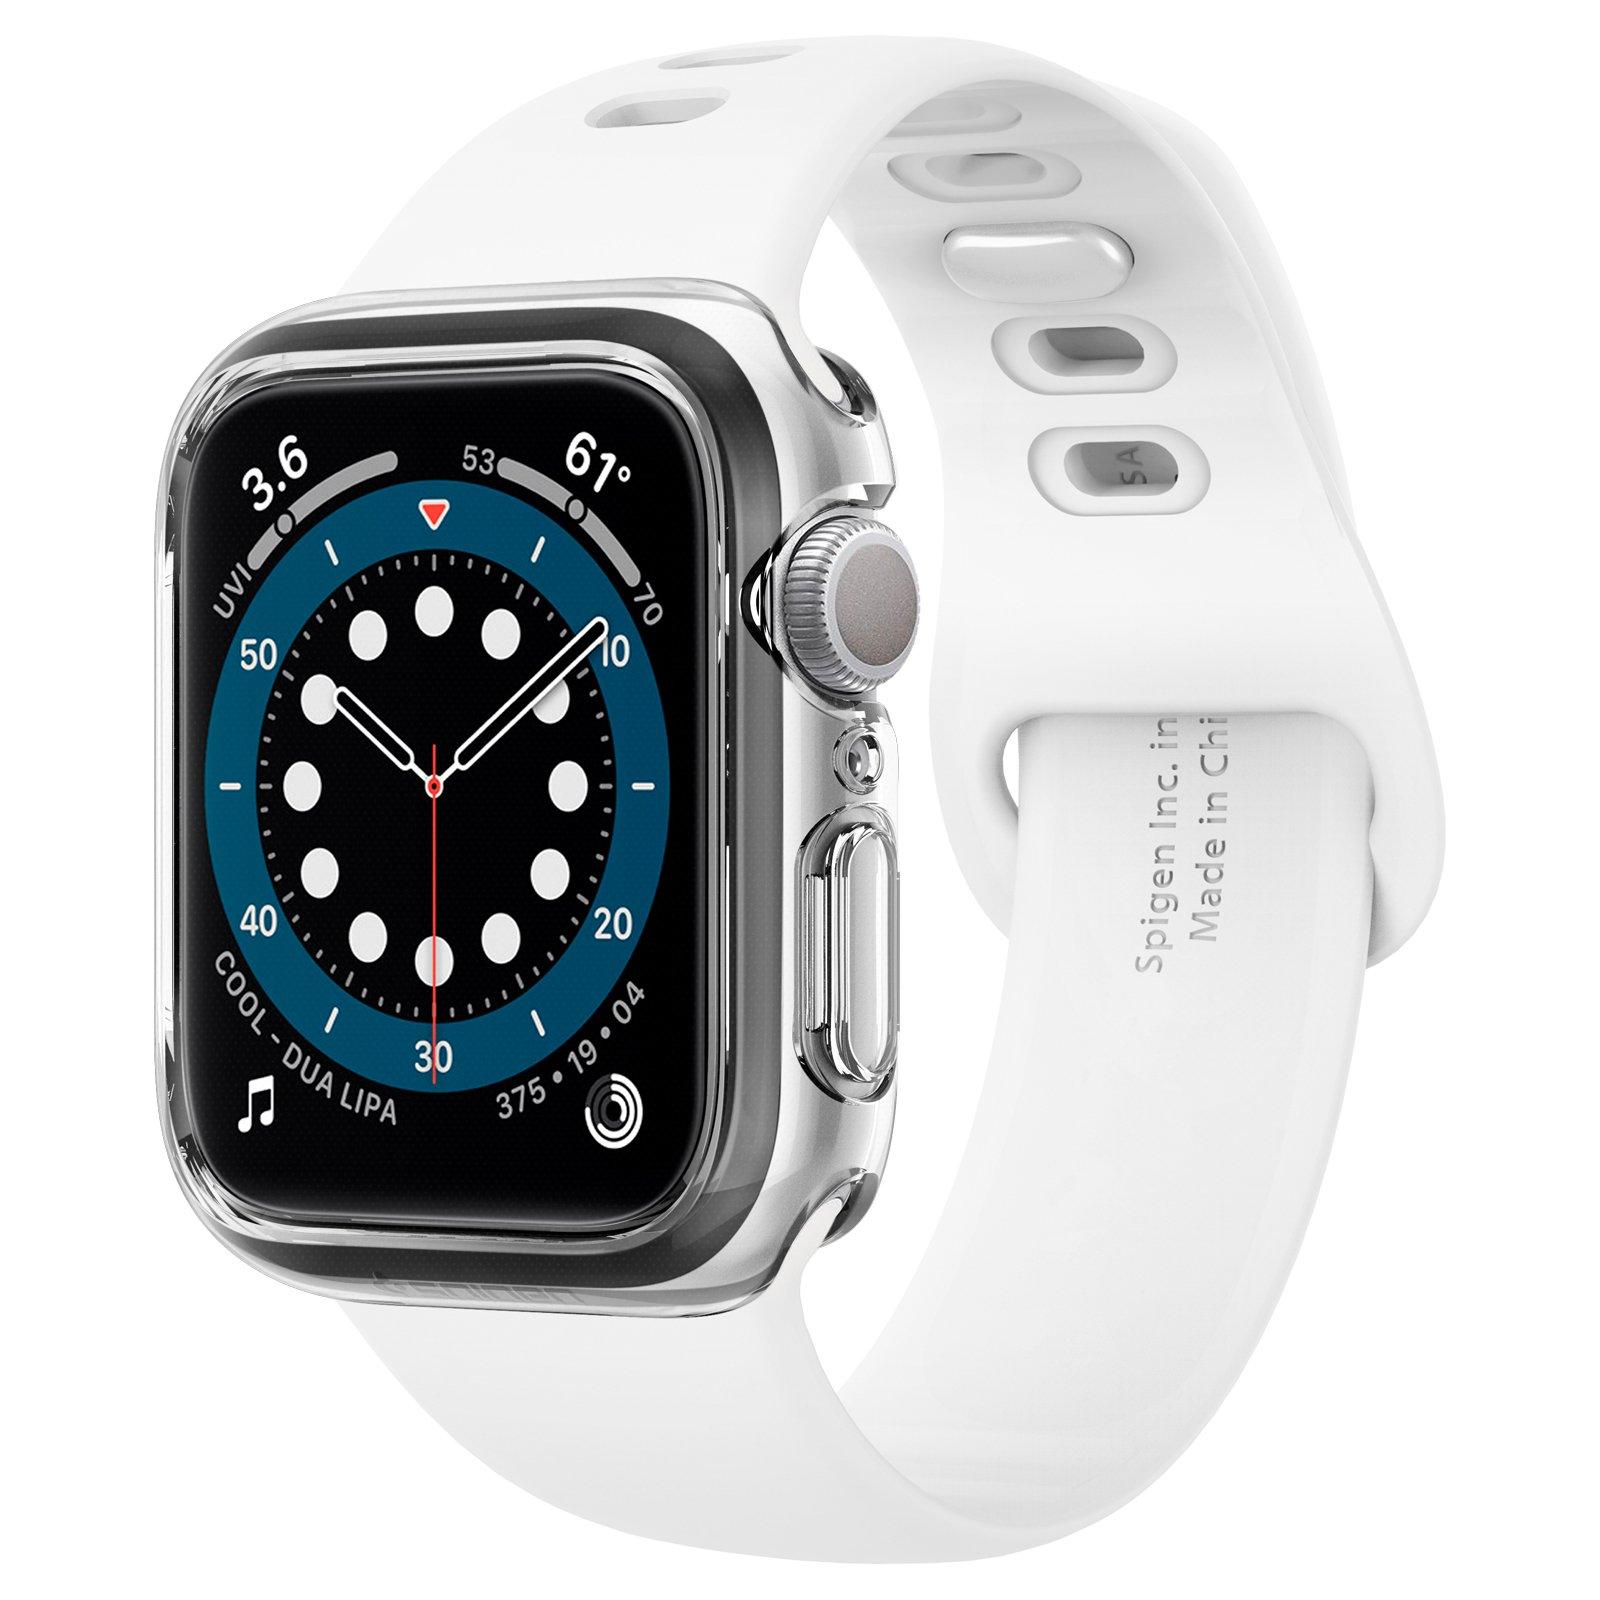 Ốp Spigen Dành cho Apple Watch Series SE / 6 / 5 / 4 (44/42mm) (Case Ultra Hybrid) - Hàng Chính hãng